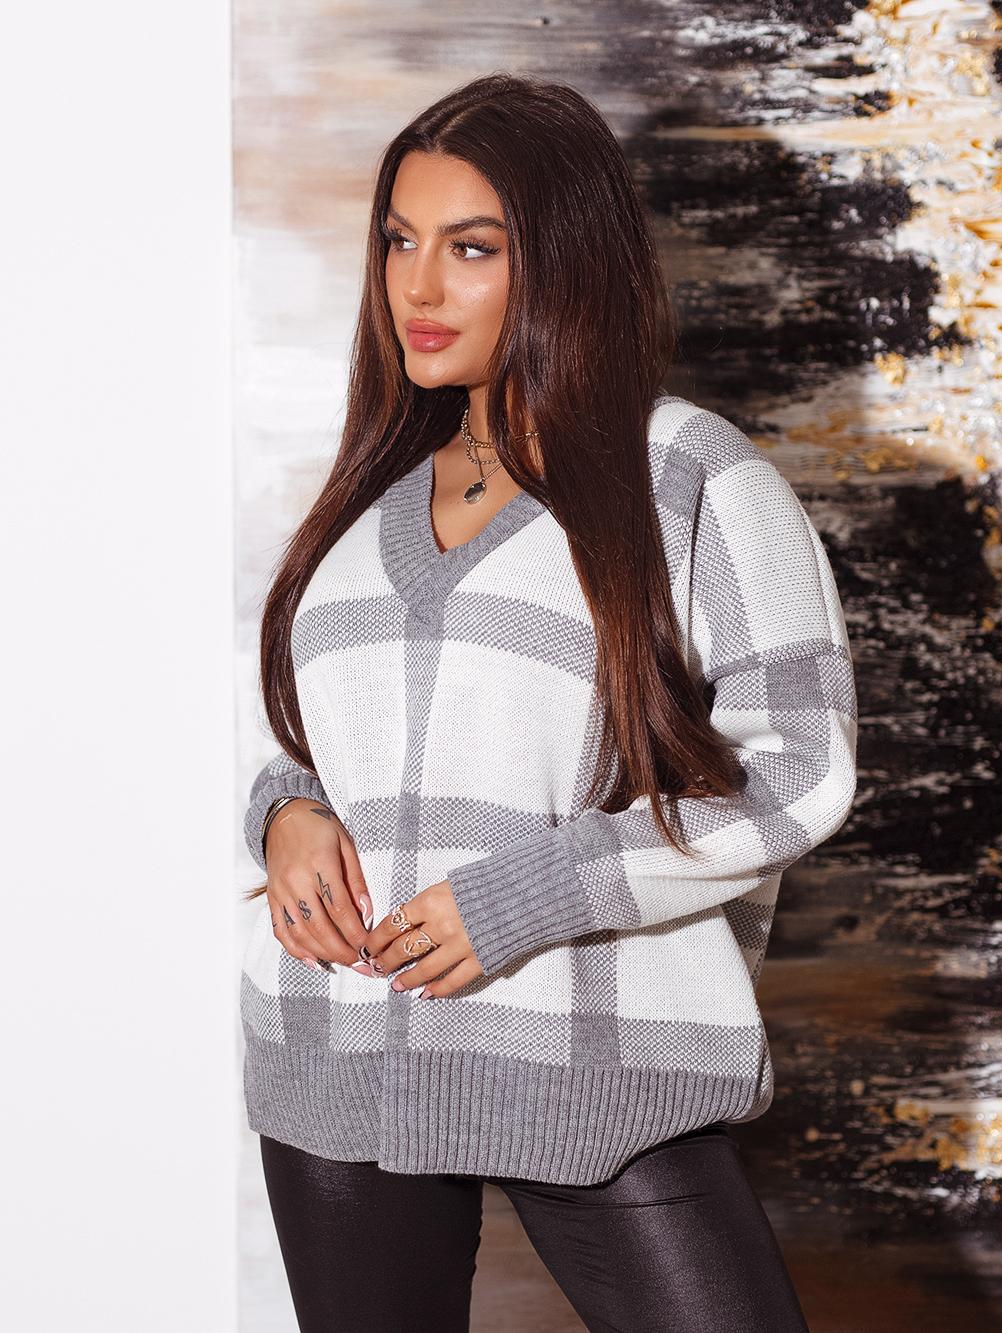 bialo-szary-sweter-damski-z-dekoltem-w-v-w-krate (2)